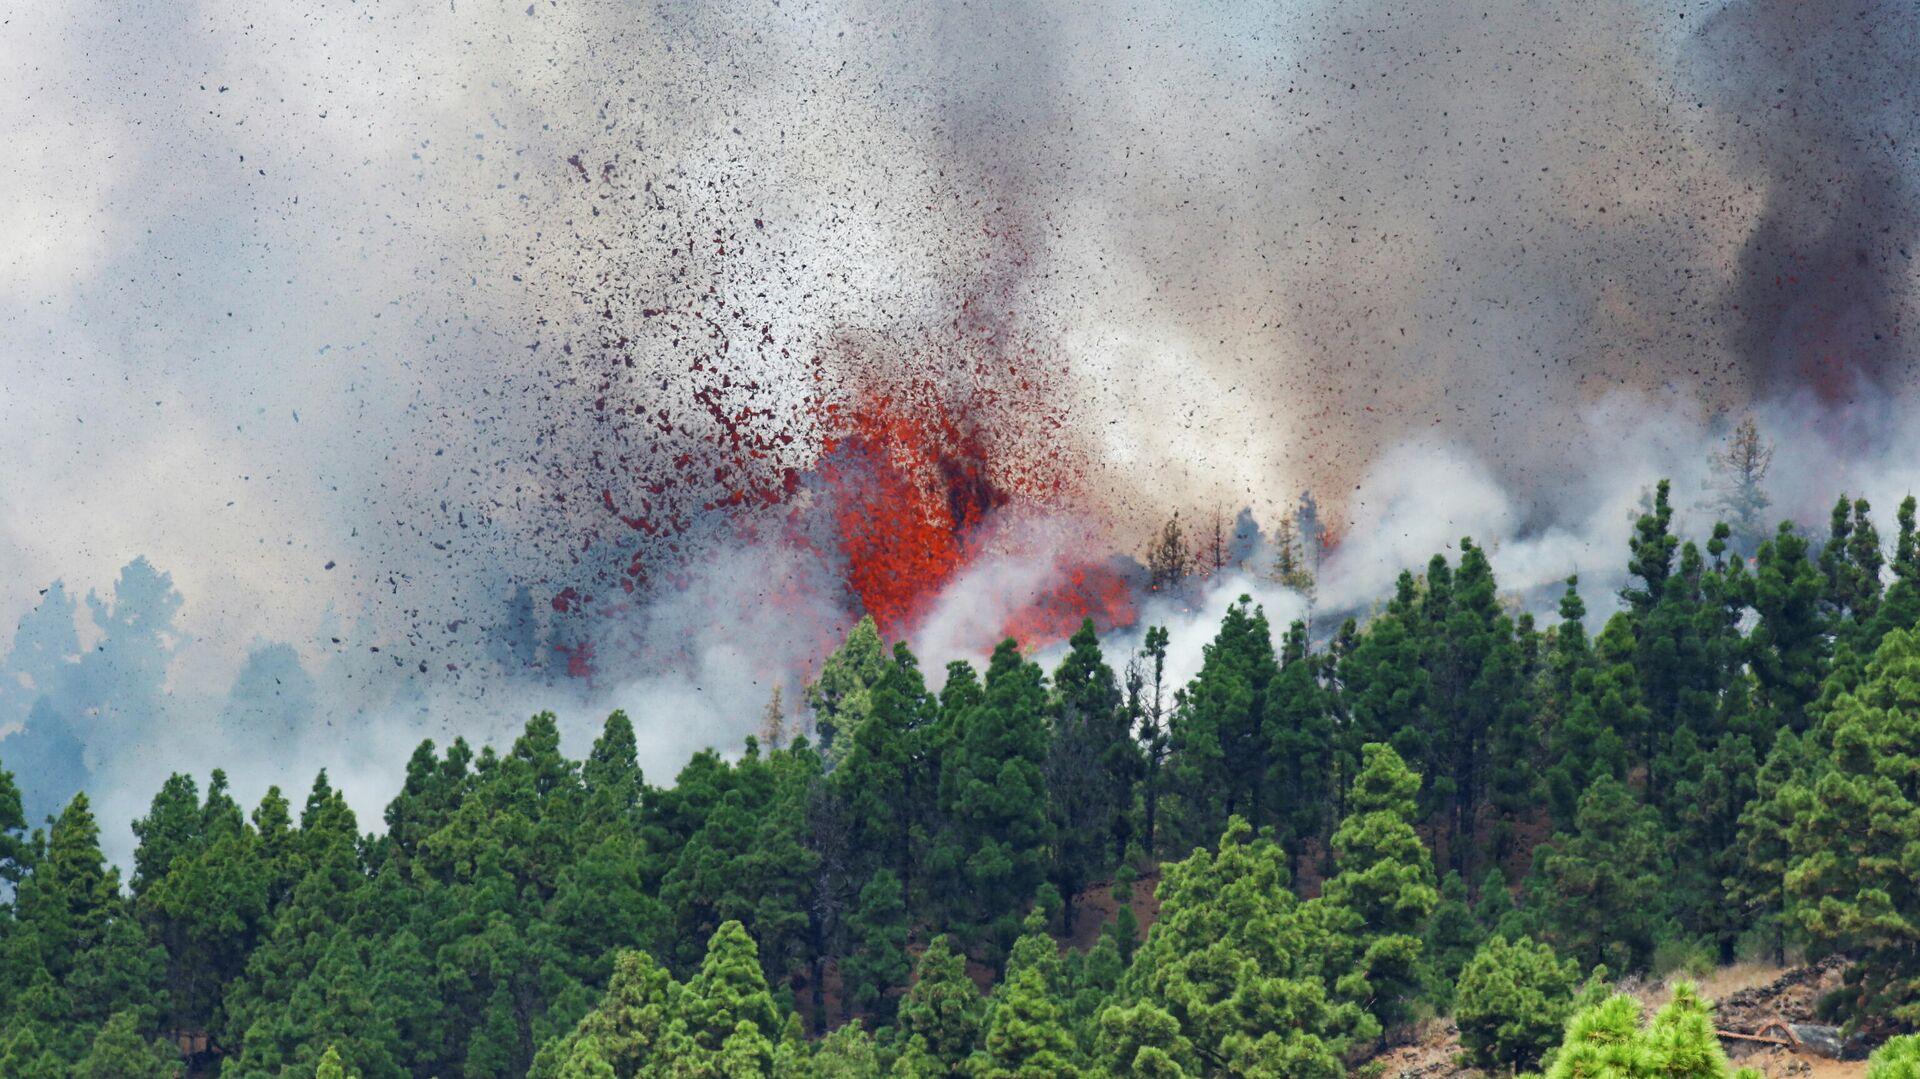 Лава и дым поднимаются после извержения вулкана в национальном парке Кумбре Вьеха в Эль-Пасо, на Канарском острове Ла-Пальма - Sputnik Беларусь, 1920, 19.09.2021